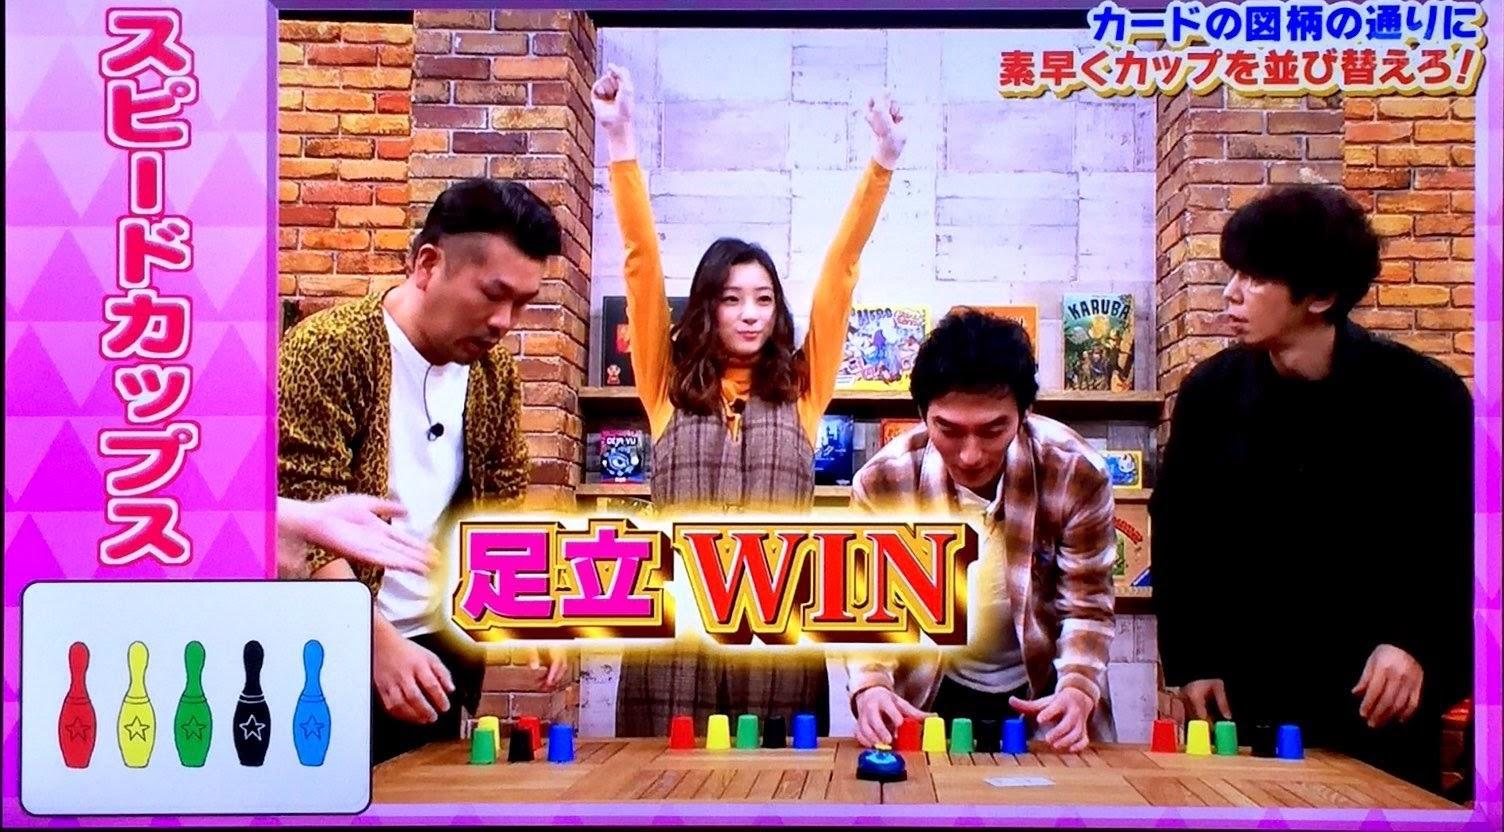 ぷっすまボードゲーム部:スピードカップス実際にプレイ